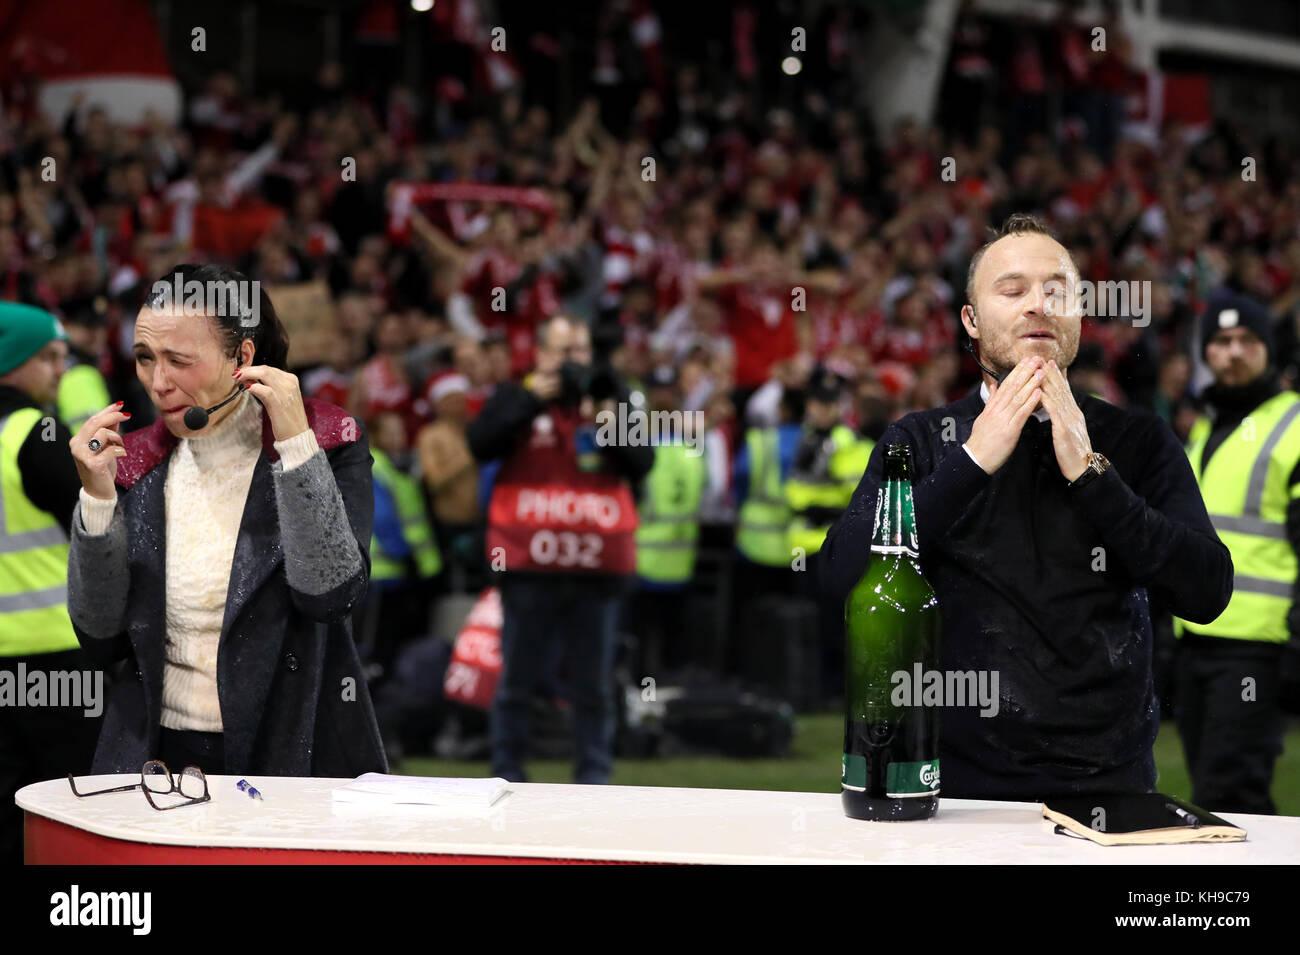 Danish TV presenters Mette Cornelius (left) and former footballer Lars Jacobsen react after members of the Danish - Stock Image